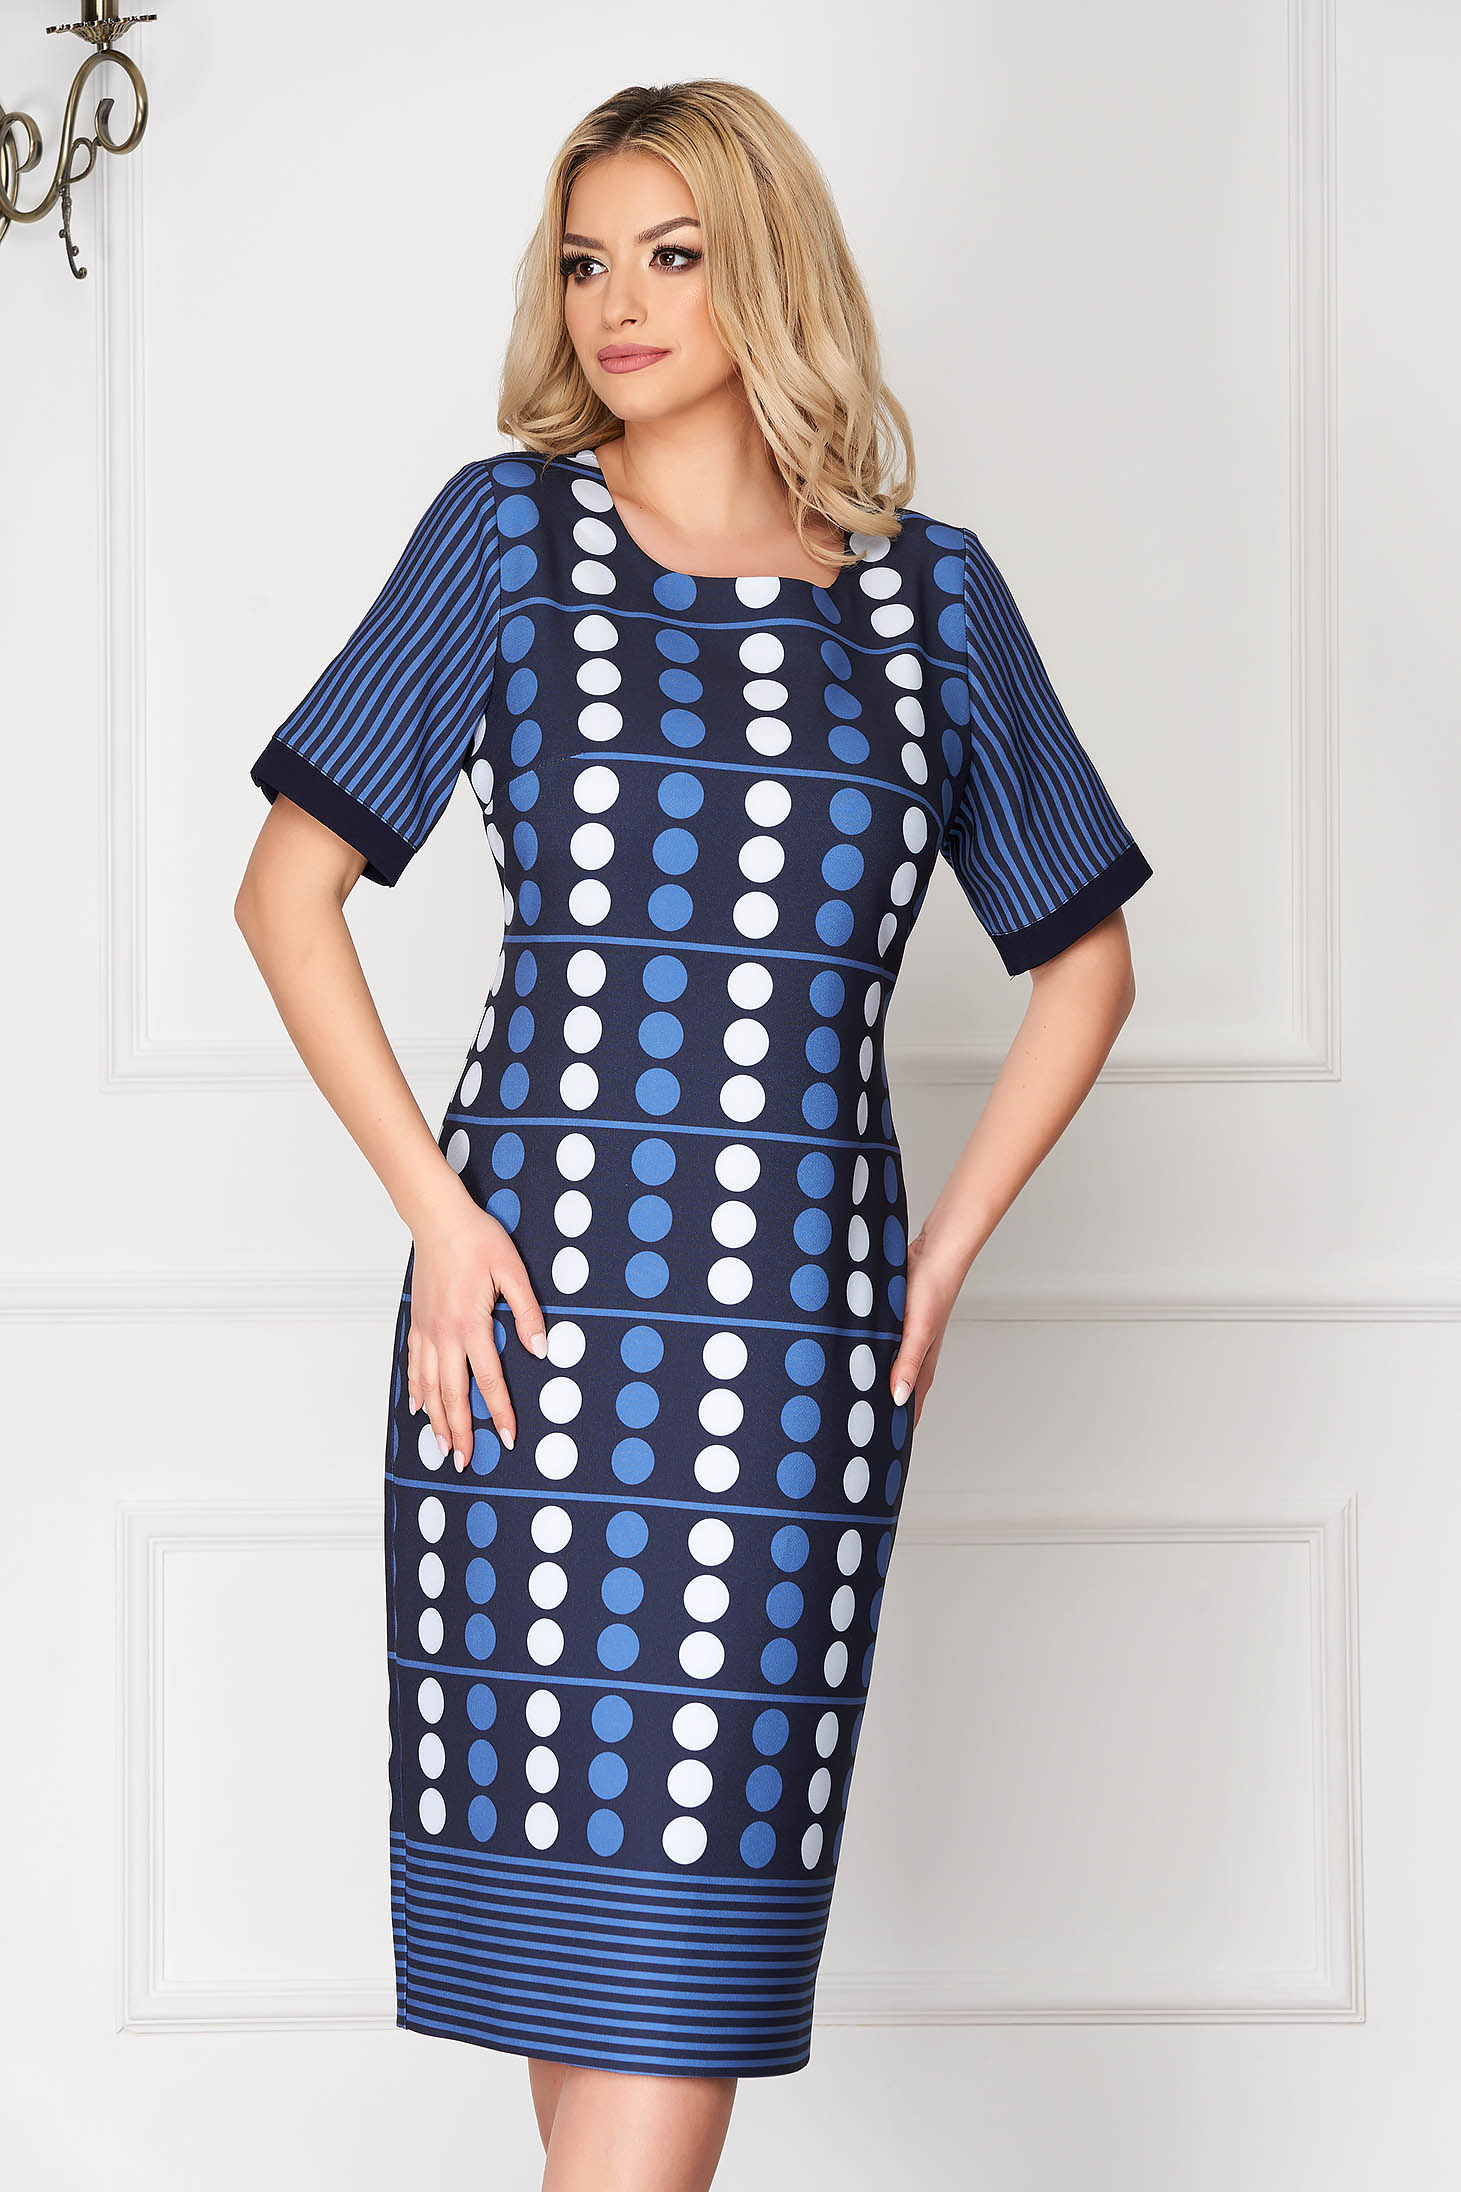 Rochie albastru-inchis office tip creion midi cu buline si cu dungi cu maneci scurte